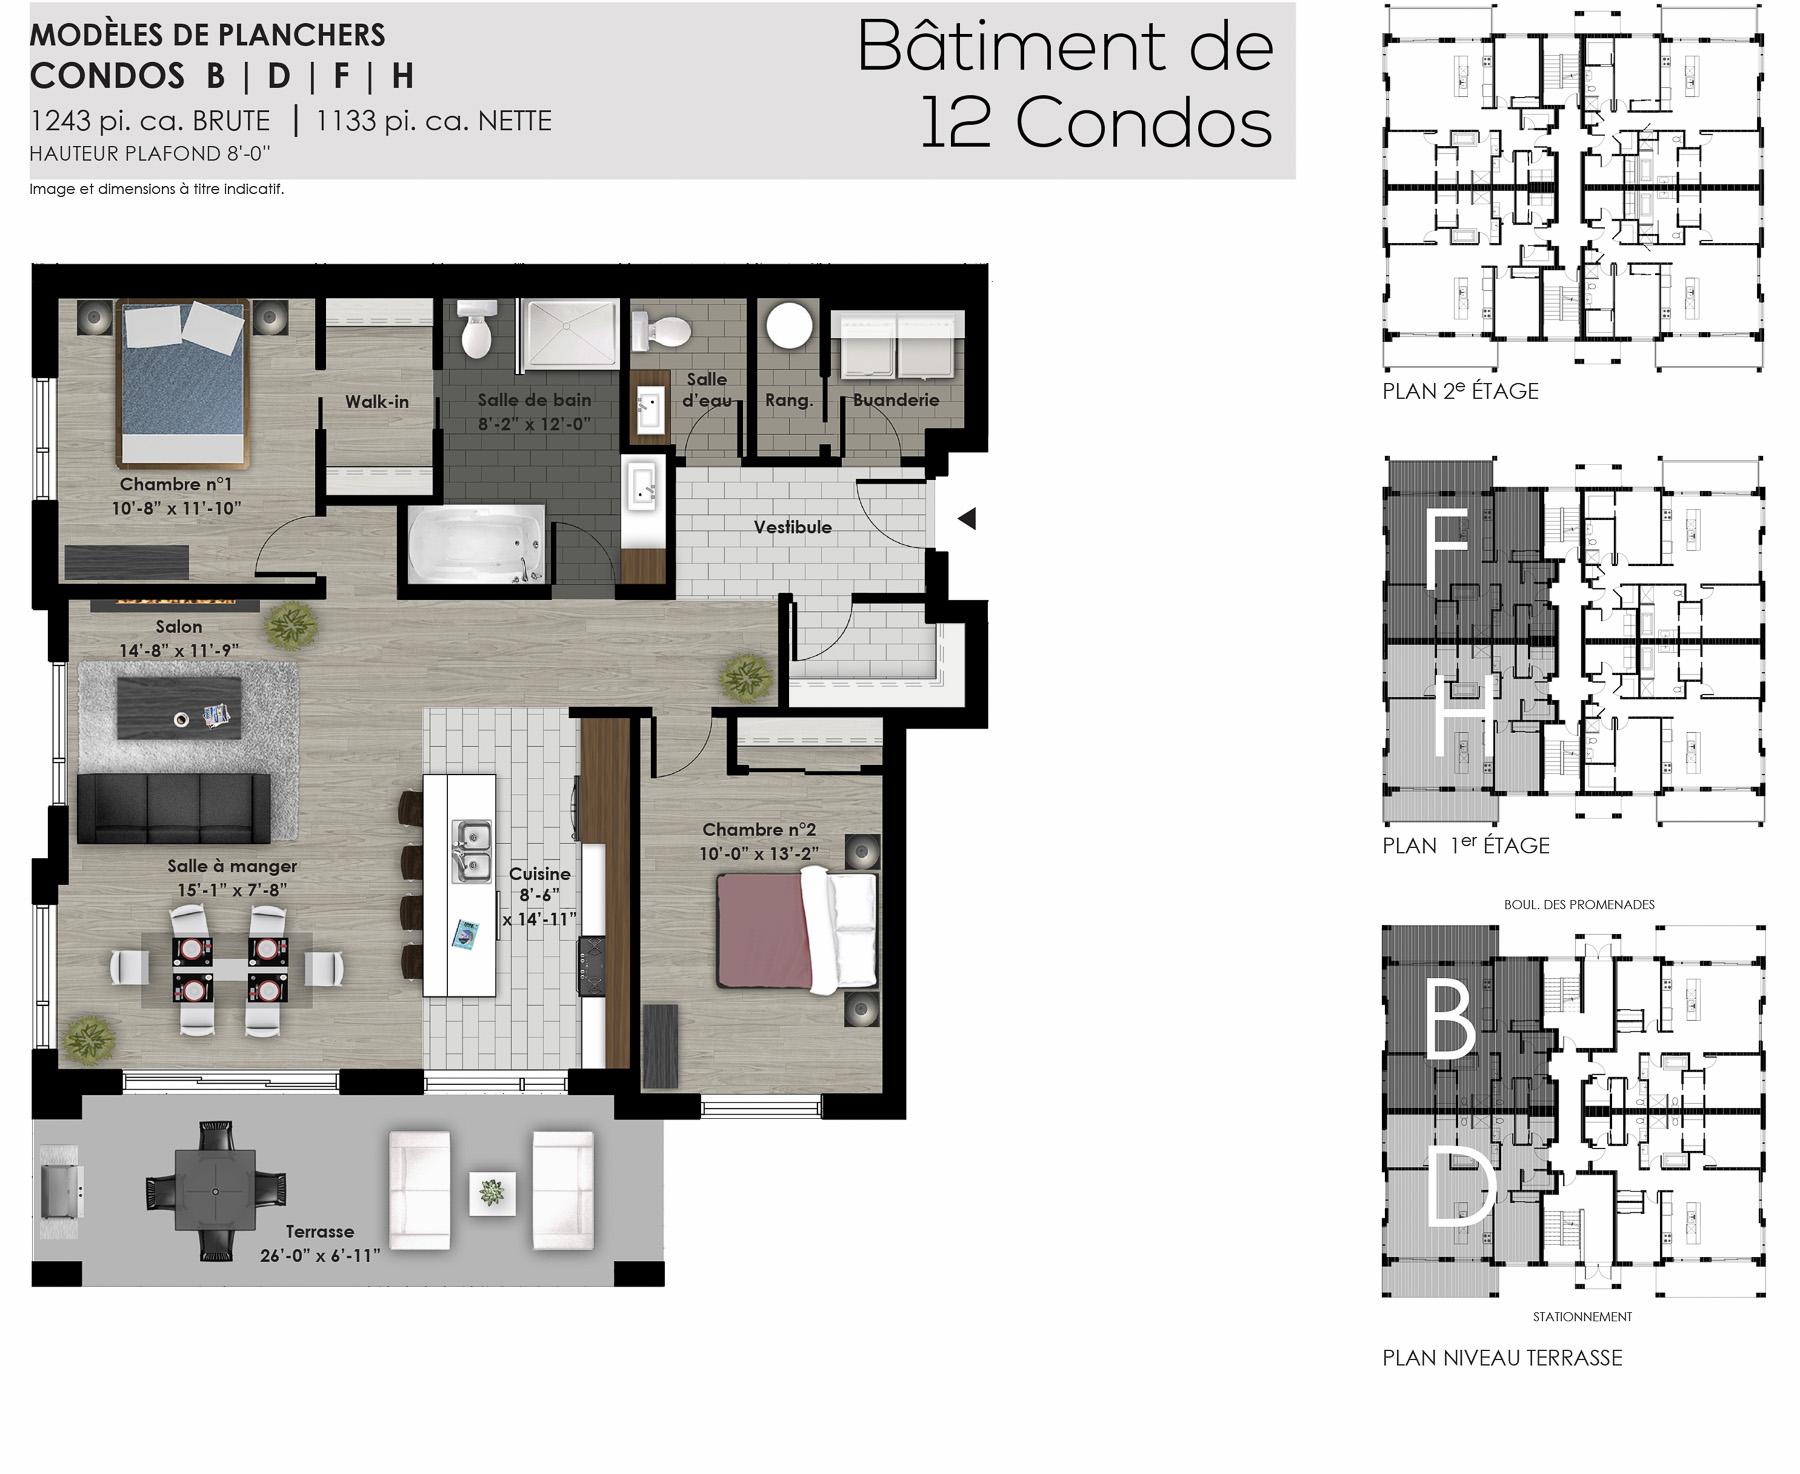 Condos centrocit 12 unit s condo neuf gbd construction for Les plans de batiment